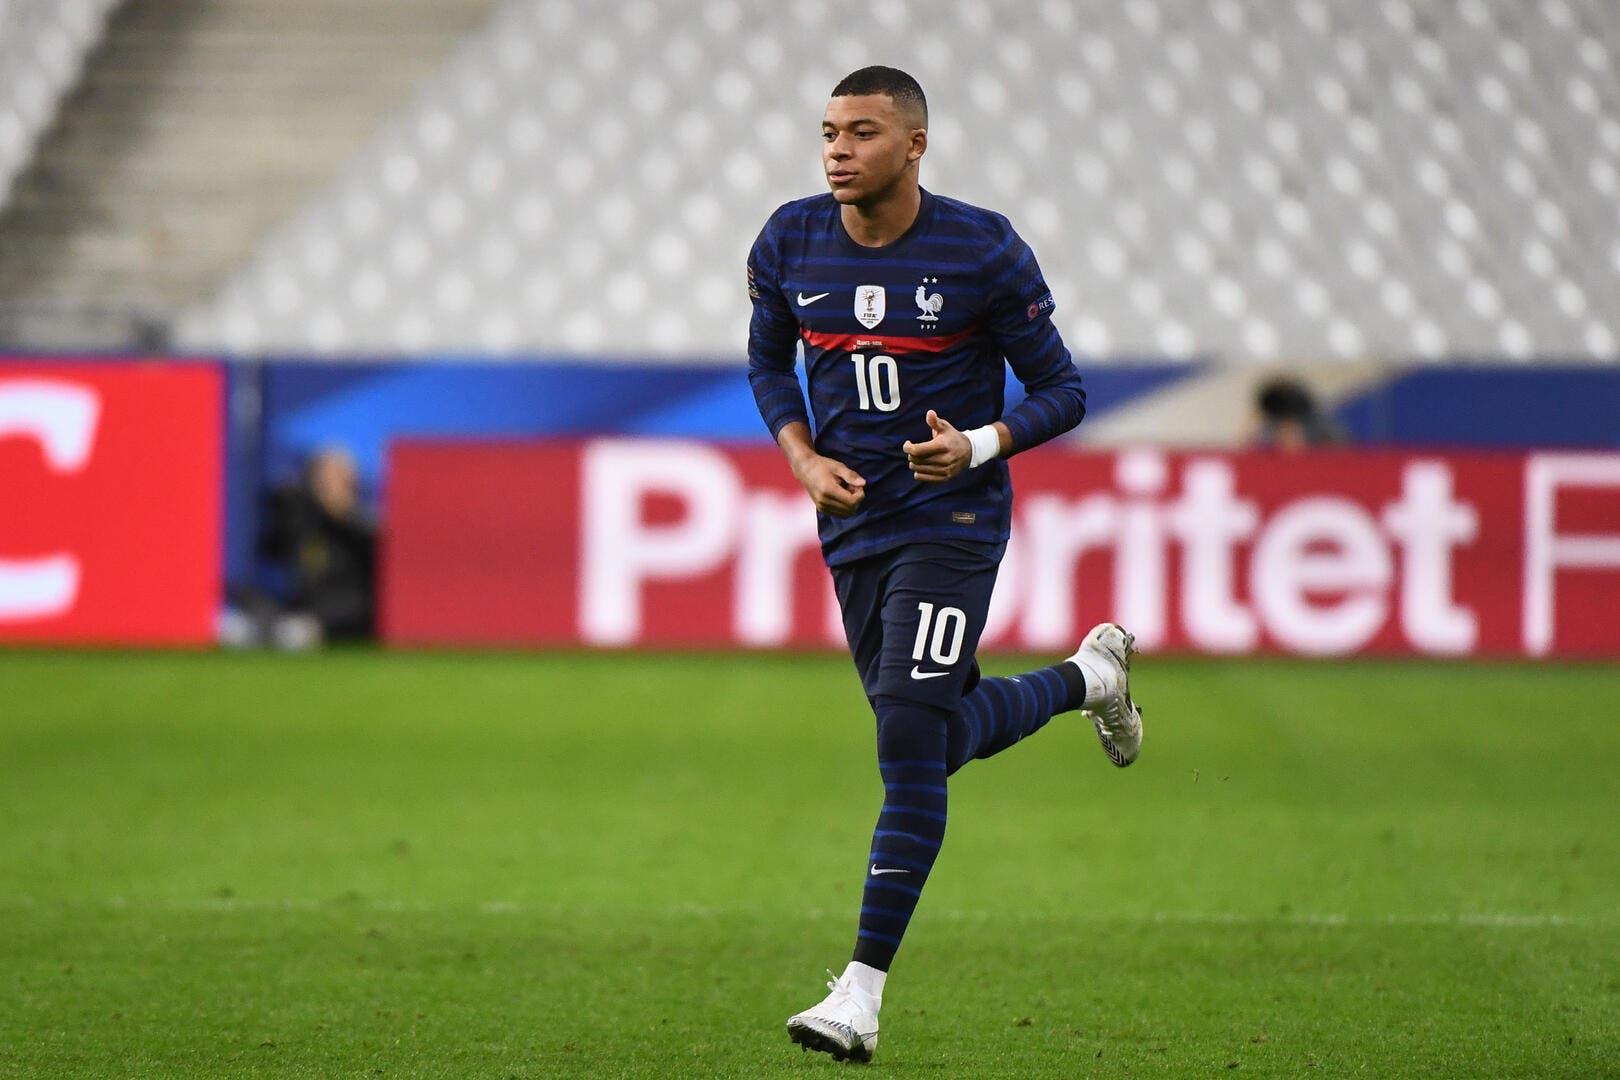 PSG : Mbappé zappé pour les JO, Le Graët a changé d'avis - Foot01.com